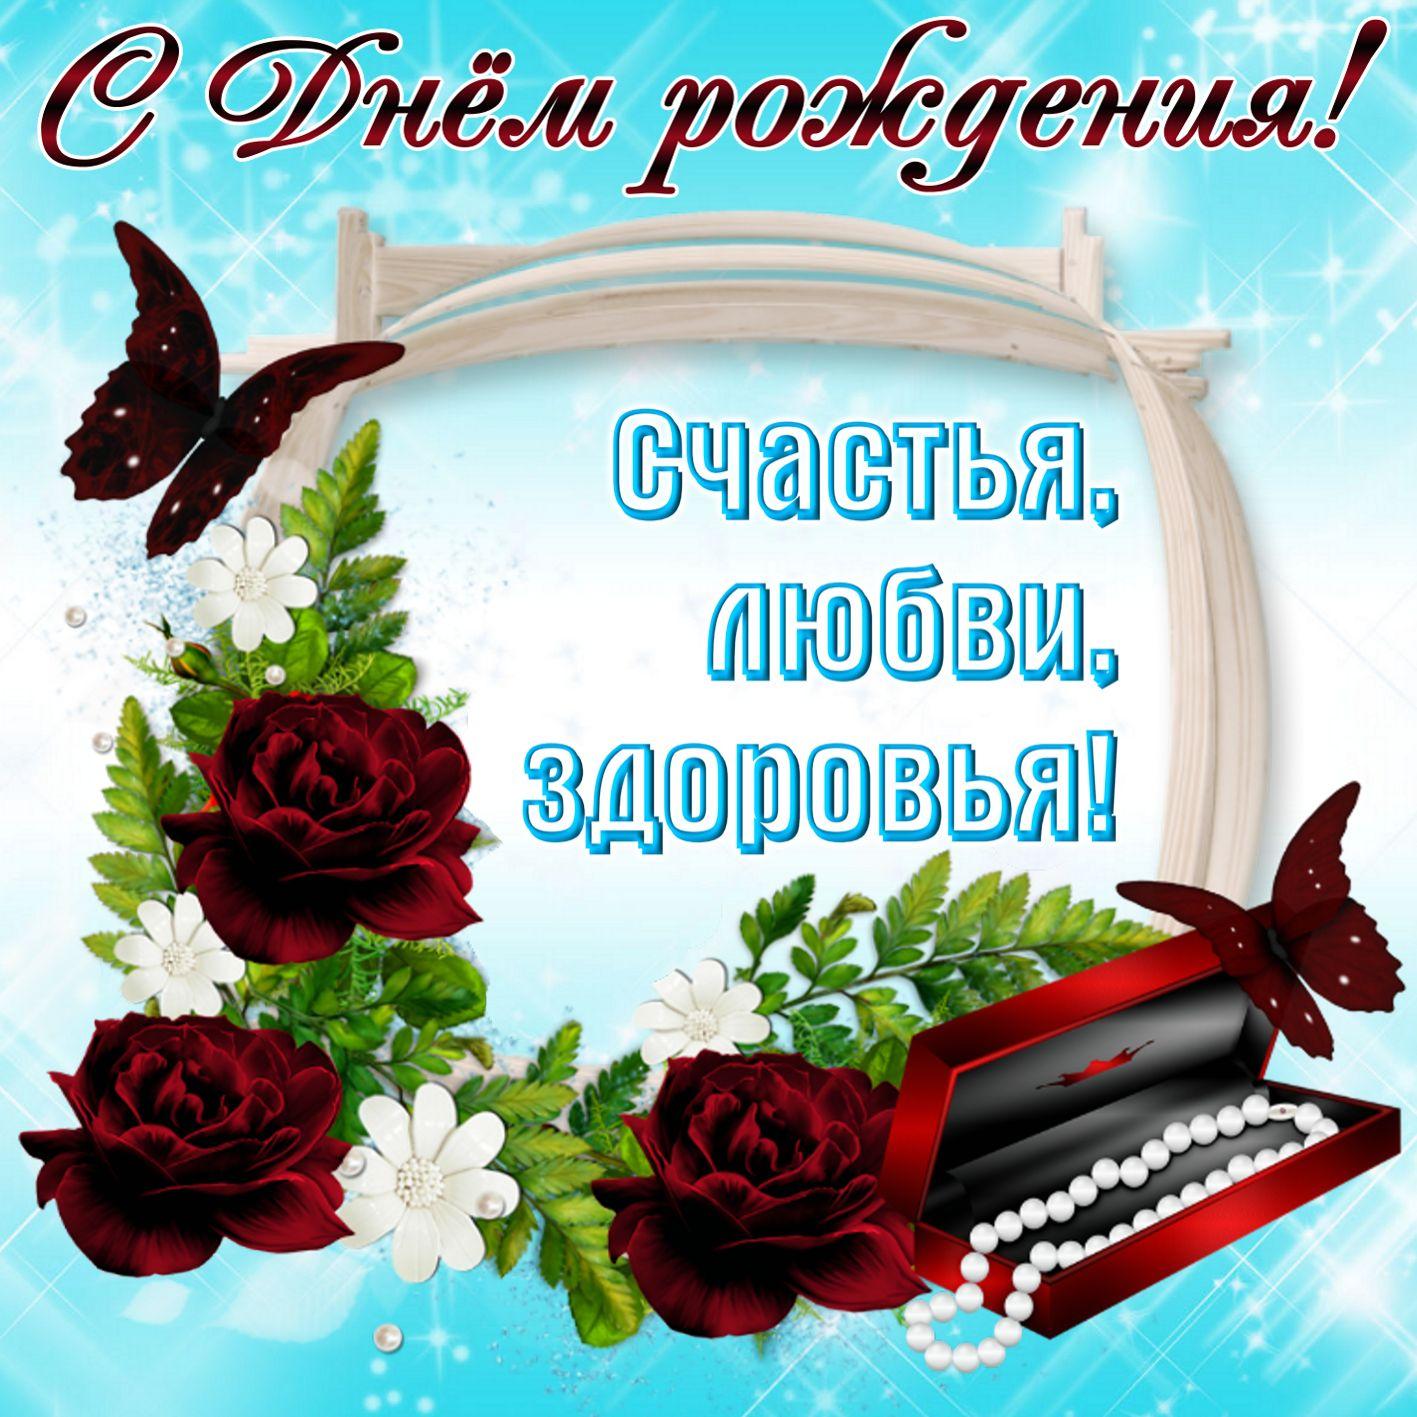 Женщине. Открытка с бабочками и розами. С Днём рождения! Счастья, любви, здоровья!